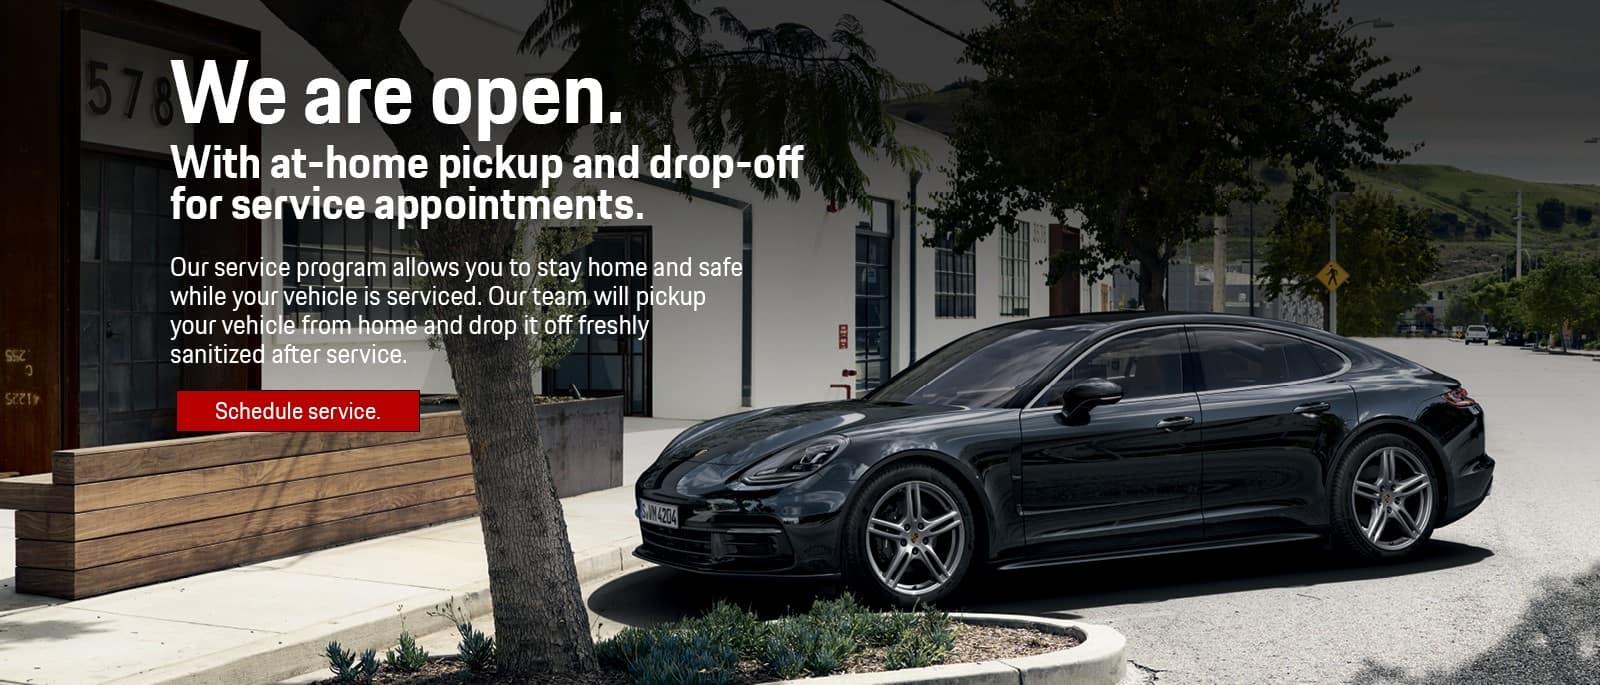 Porsche Schedule Service